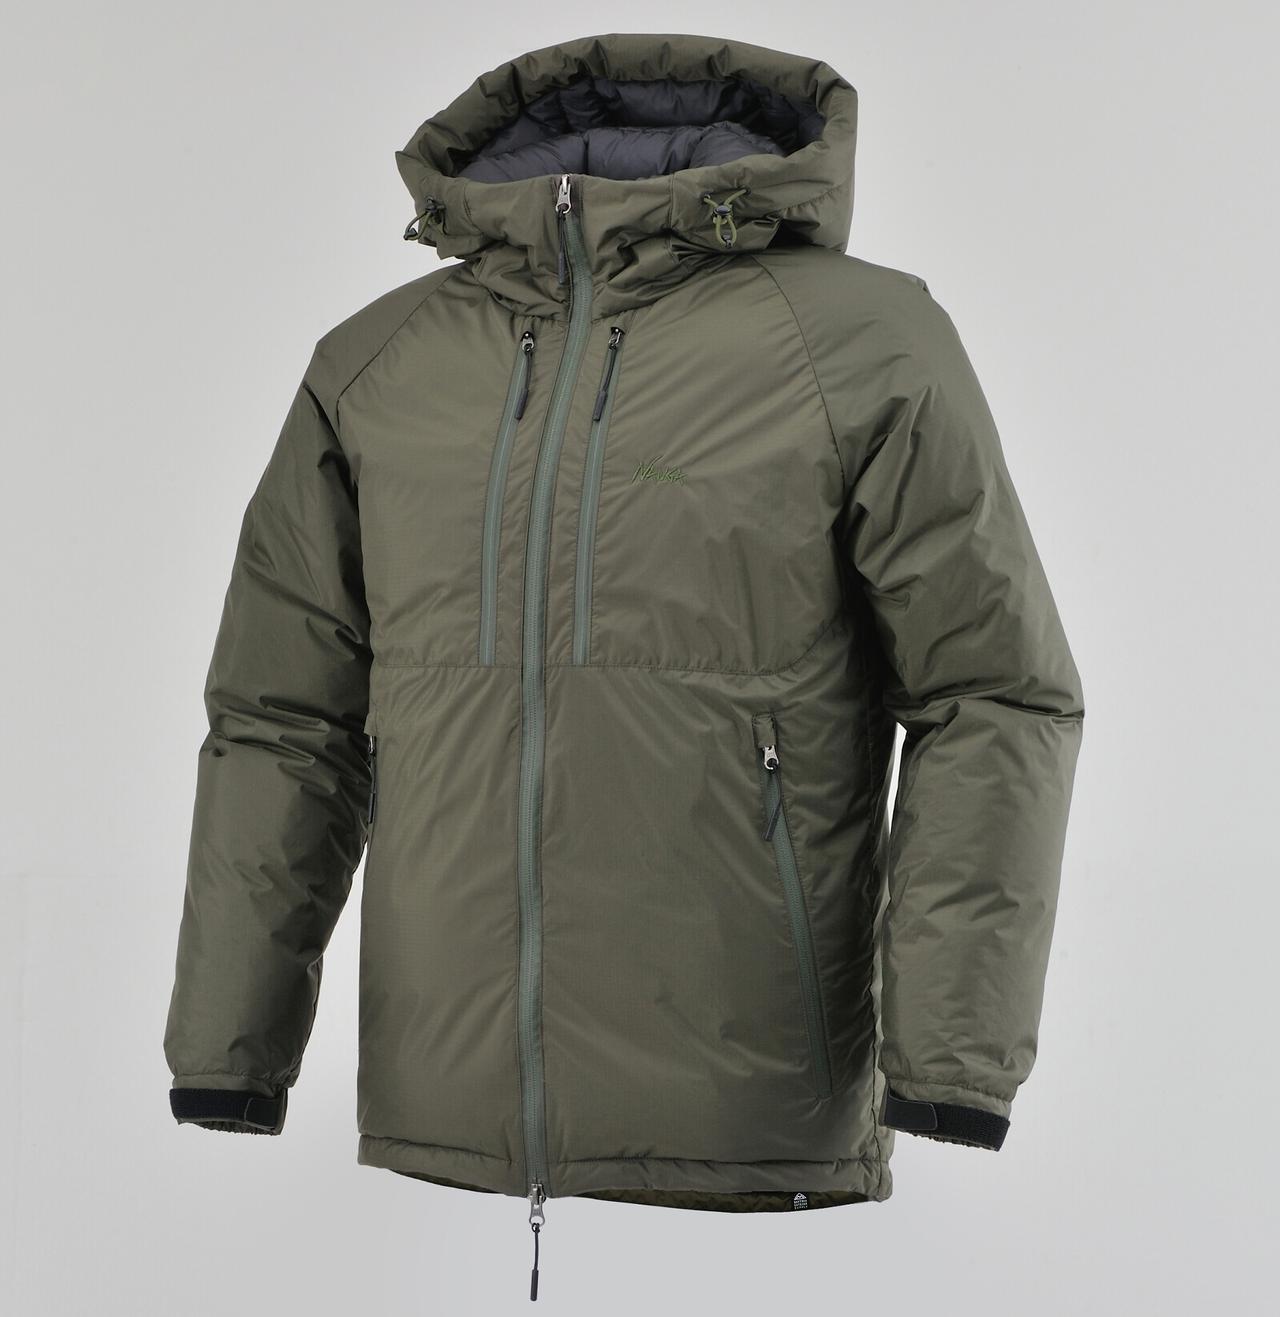 画像: NANGA × DAYTONA オーロラダウンジャケット 特別モデル 税込価格:46,200円 サイズ:S、M、L、XL カラー:ブラック、カーキ